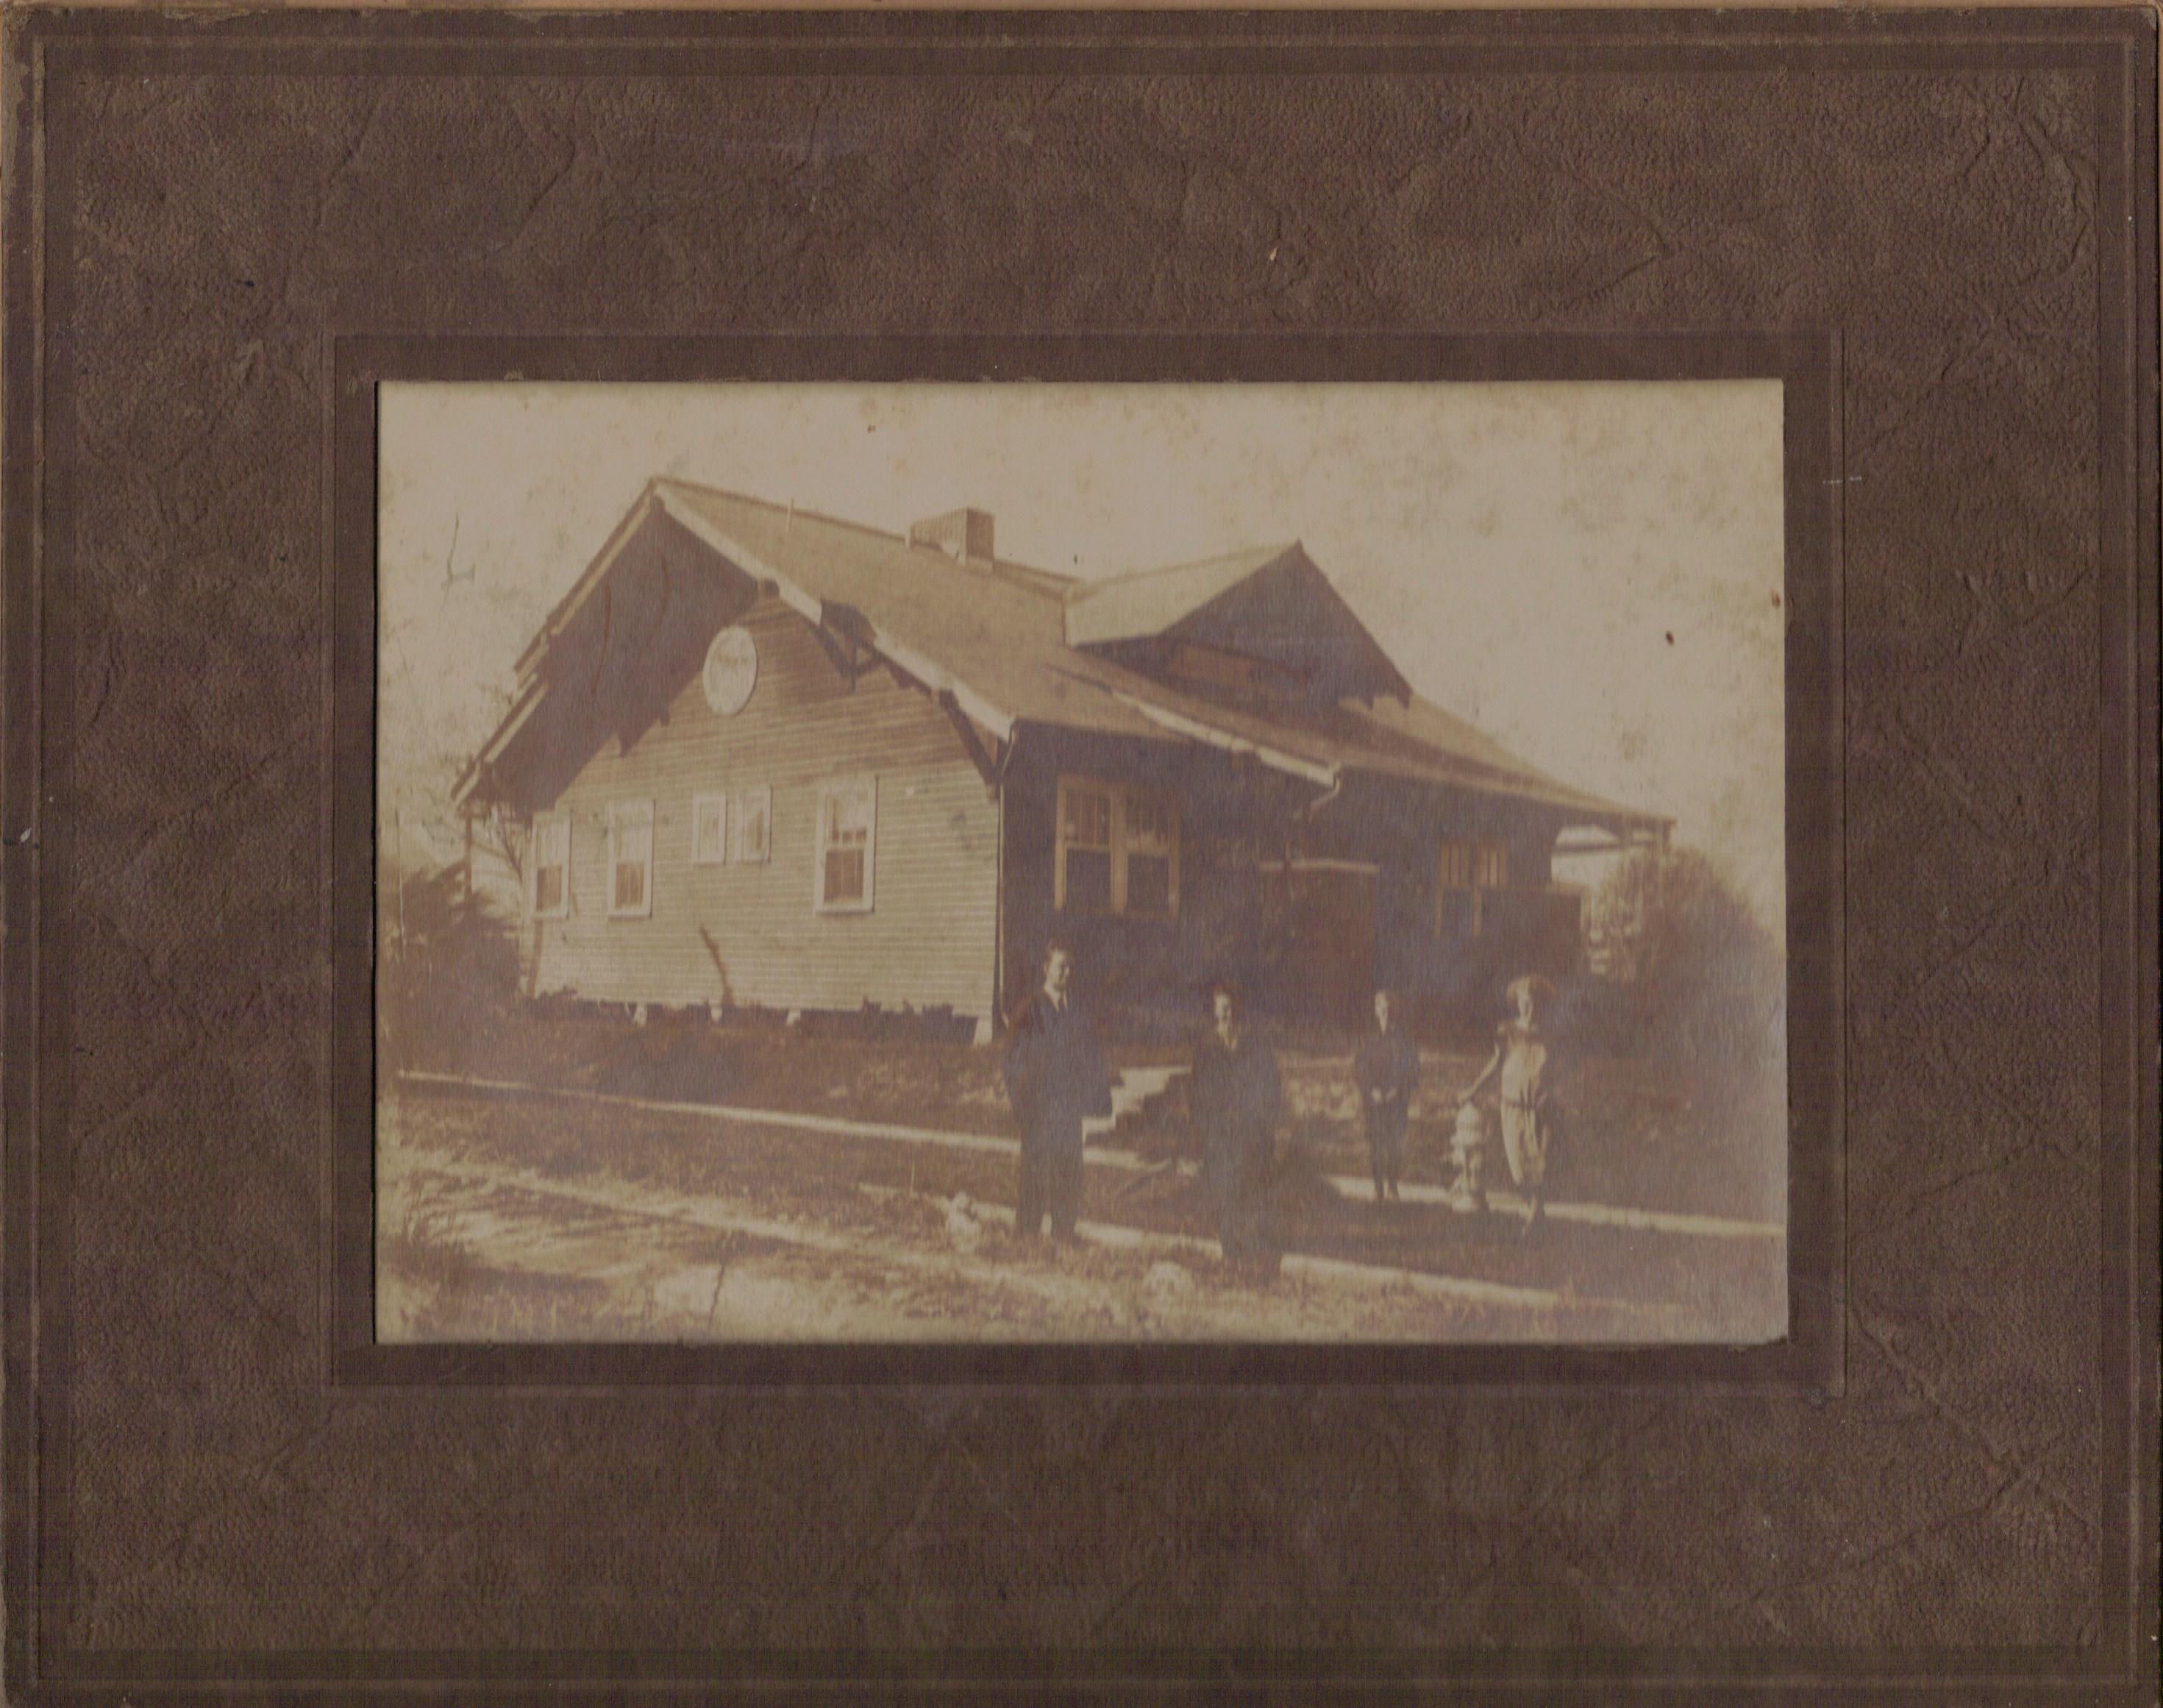 Joan's Grandparent's house taken Nov. 23, 1921